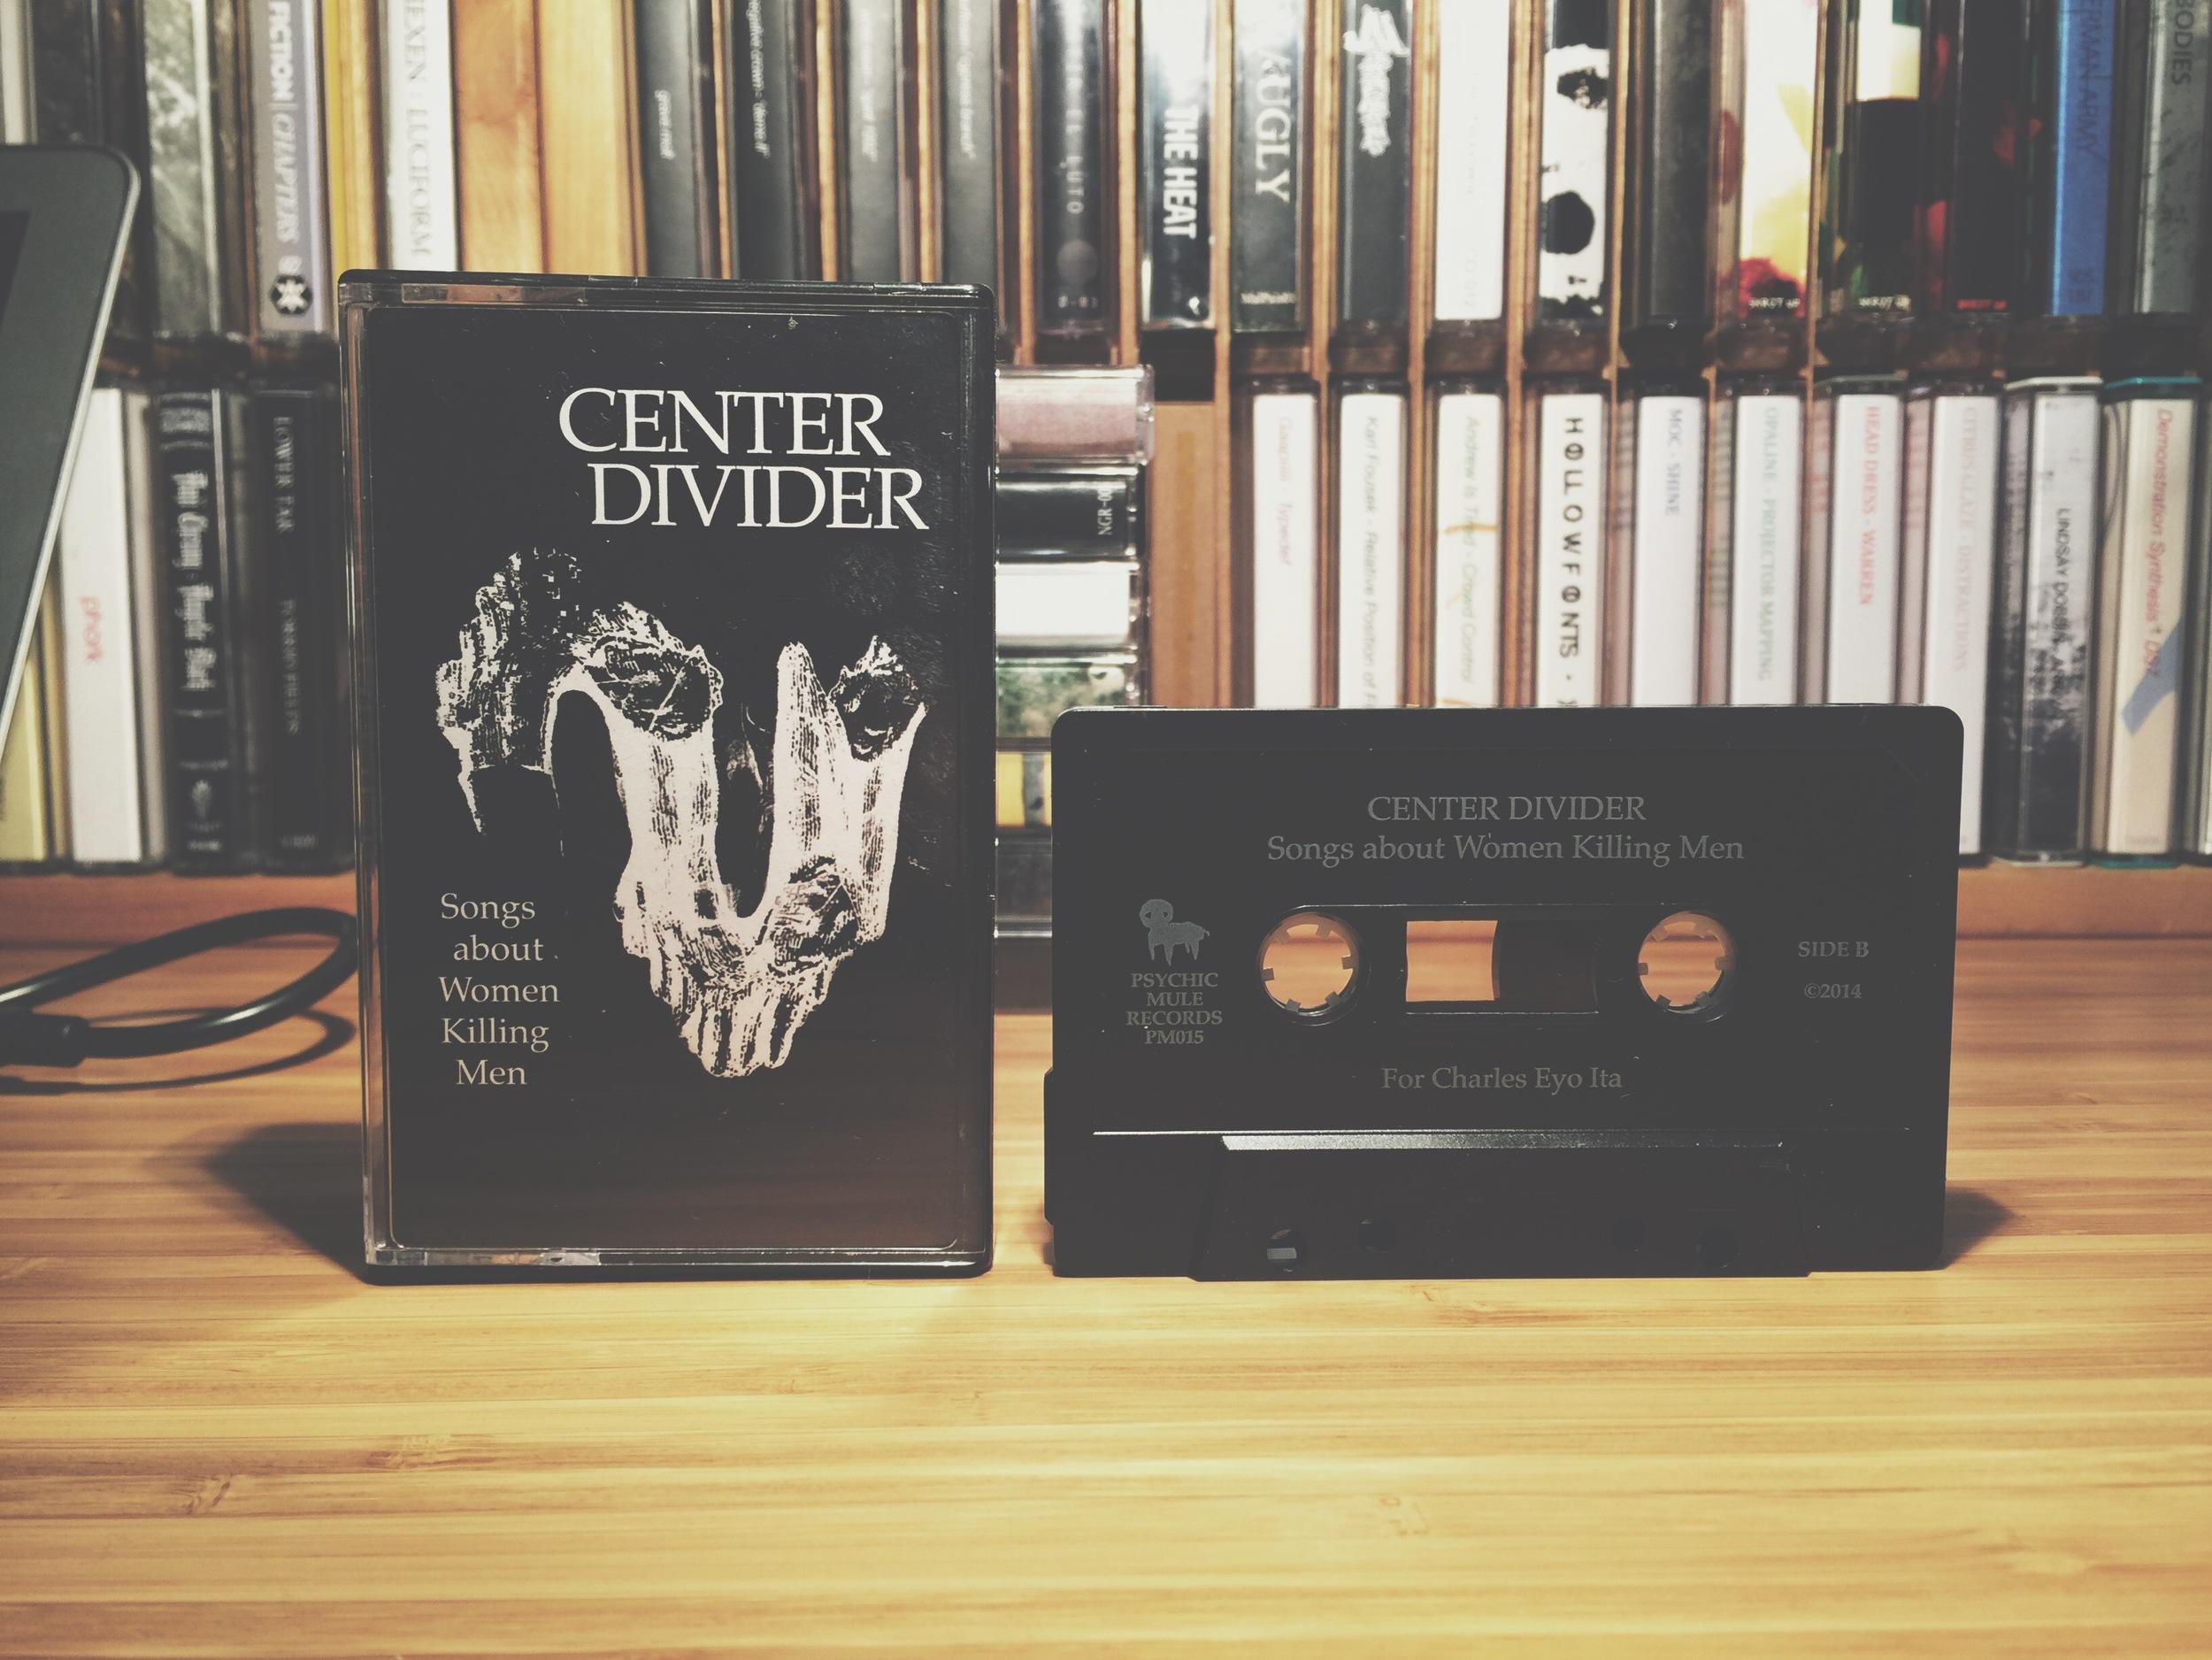 2. Center Divider - Songs About Women Killing Men.jpg